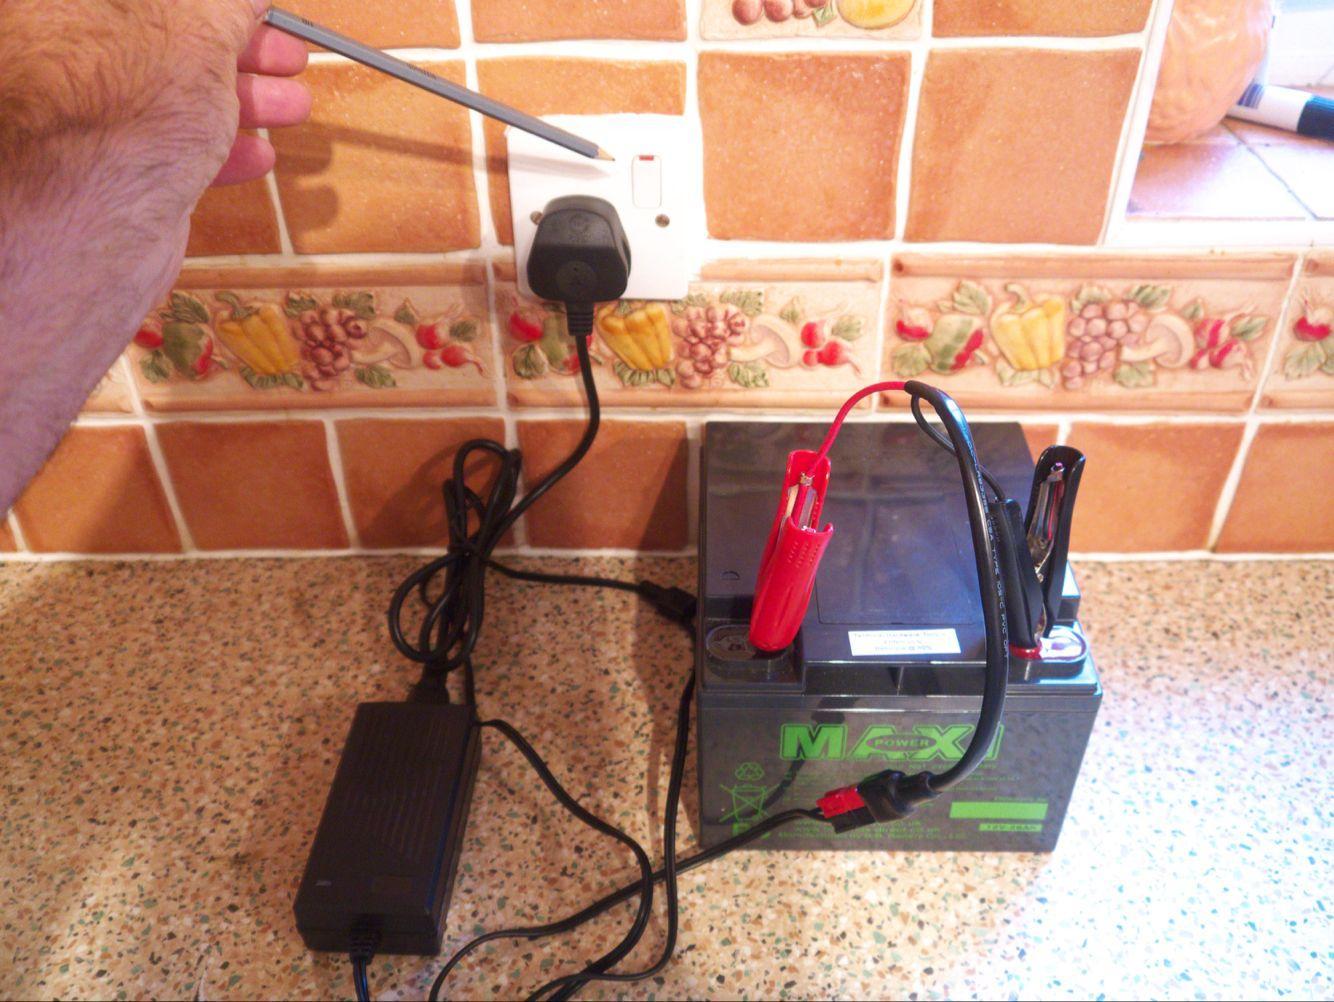 48V20ah Valve Sealed Lead Acid Battery Charger 5